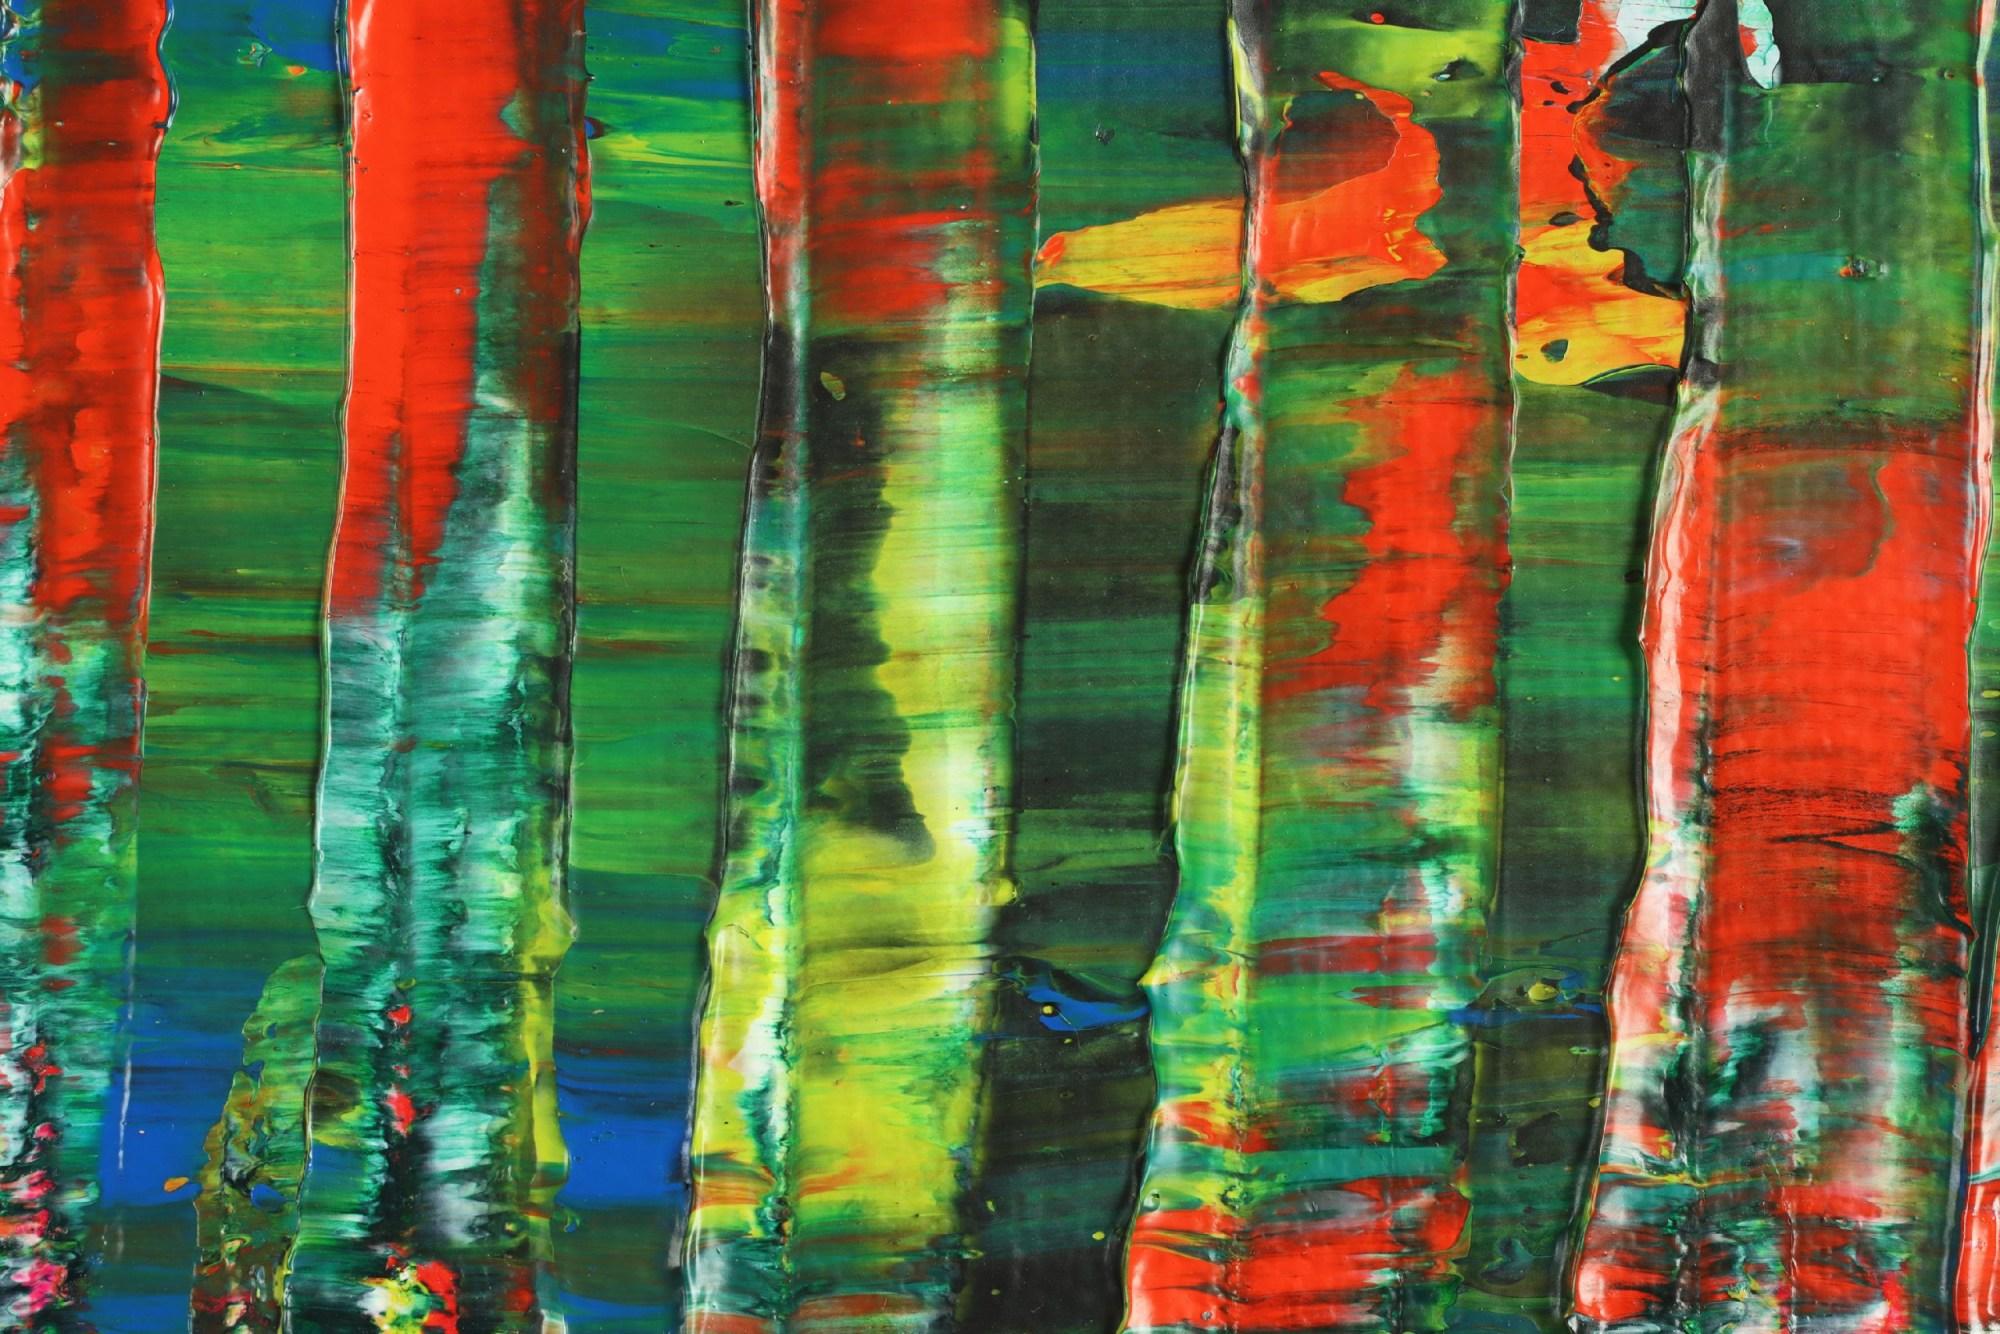 A Color Equation 2 (2021) / Detail / 18x24 / Artist: Nestor Toro